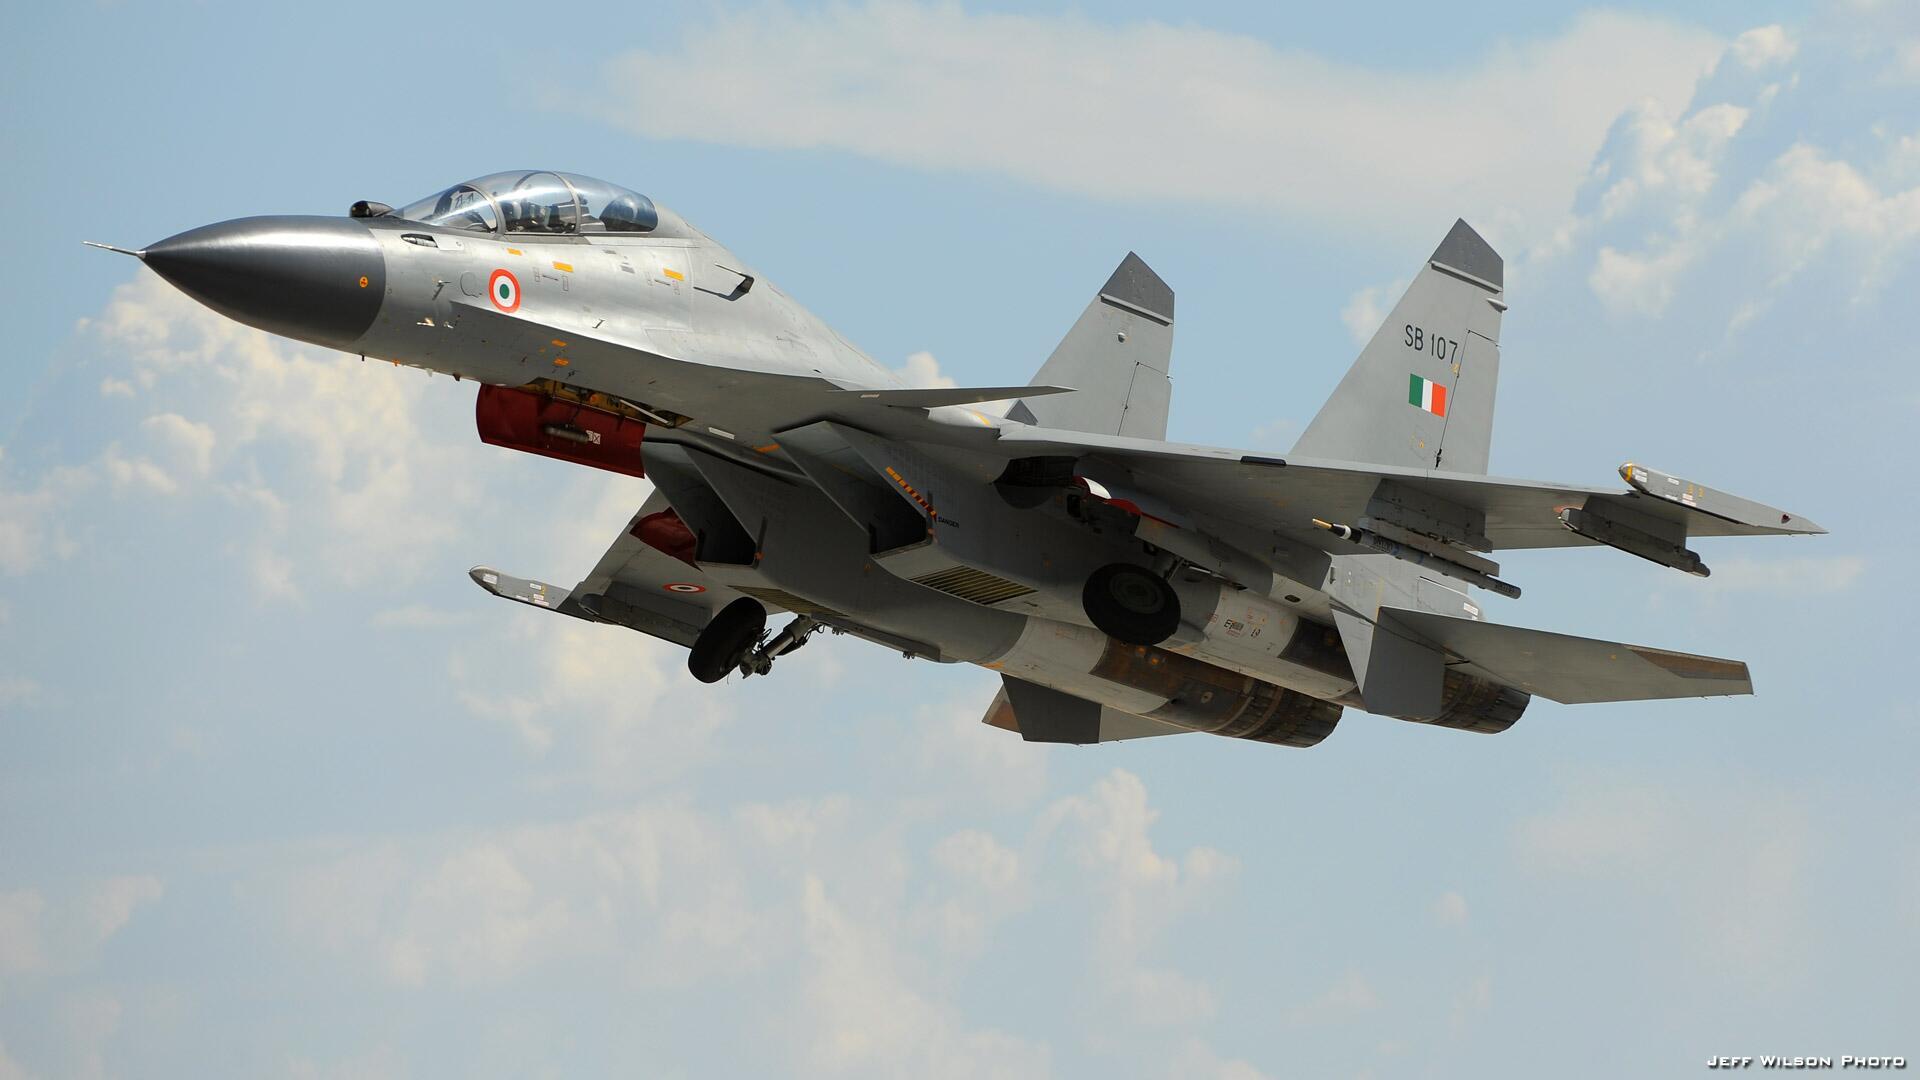 俄军工高管:印度三军超过70%武器都是苏俄制品